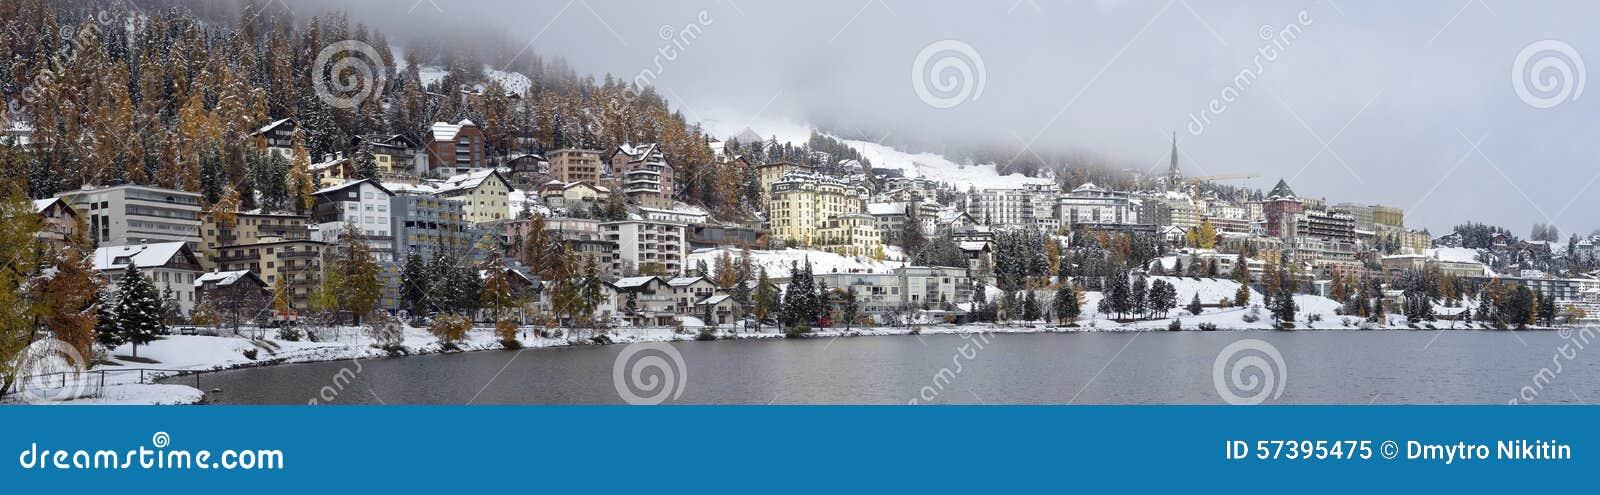 Miasto na jeziora St Moritz